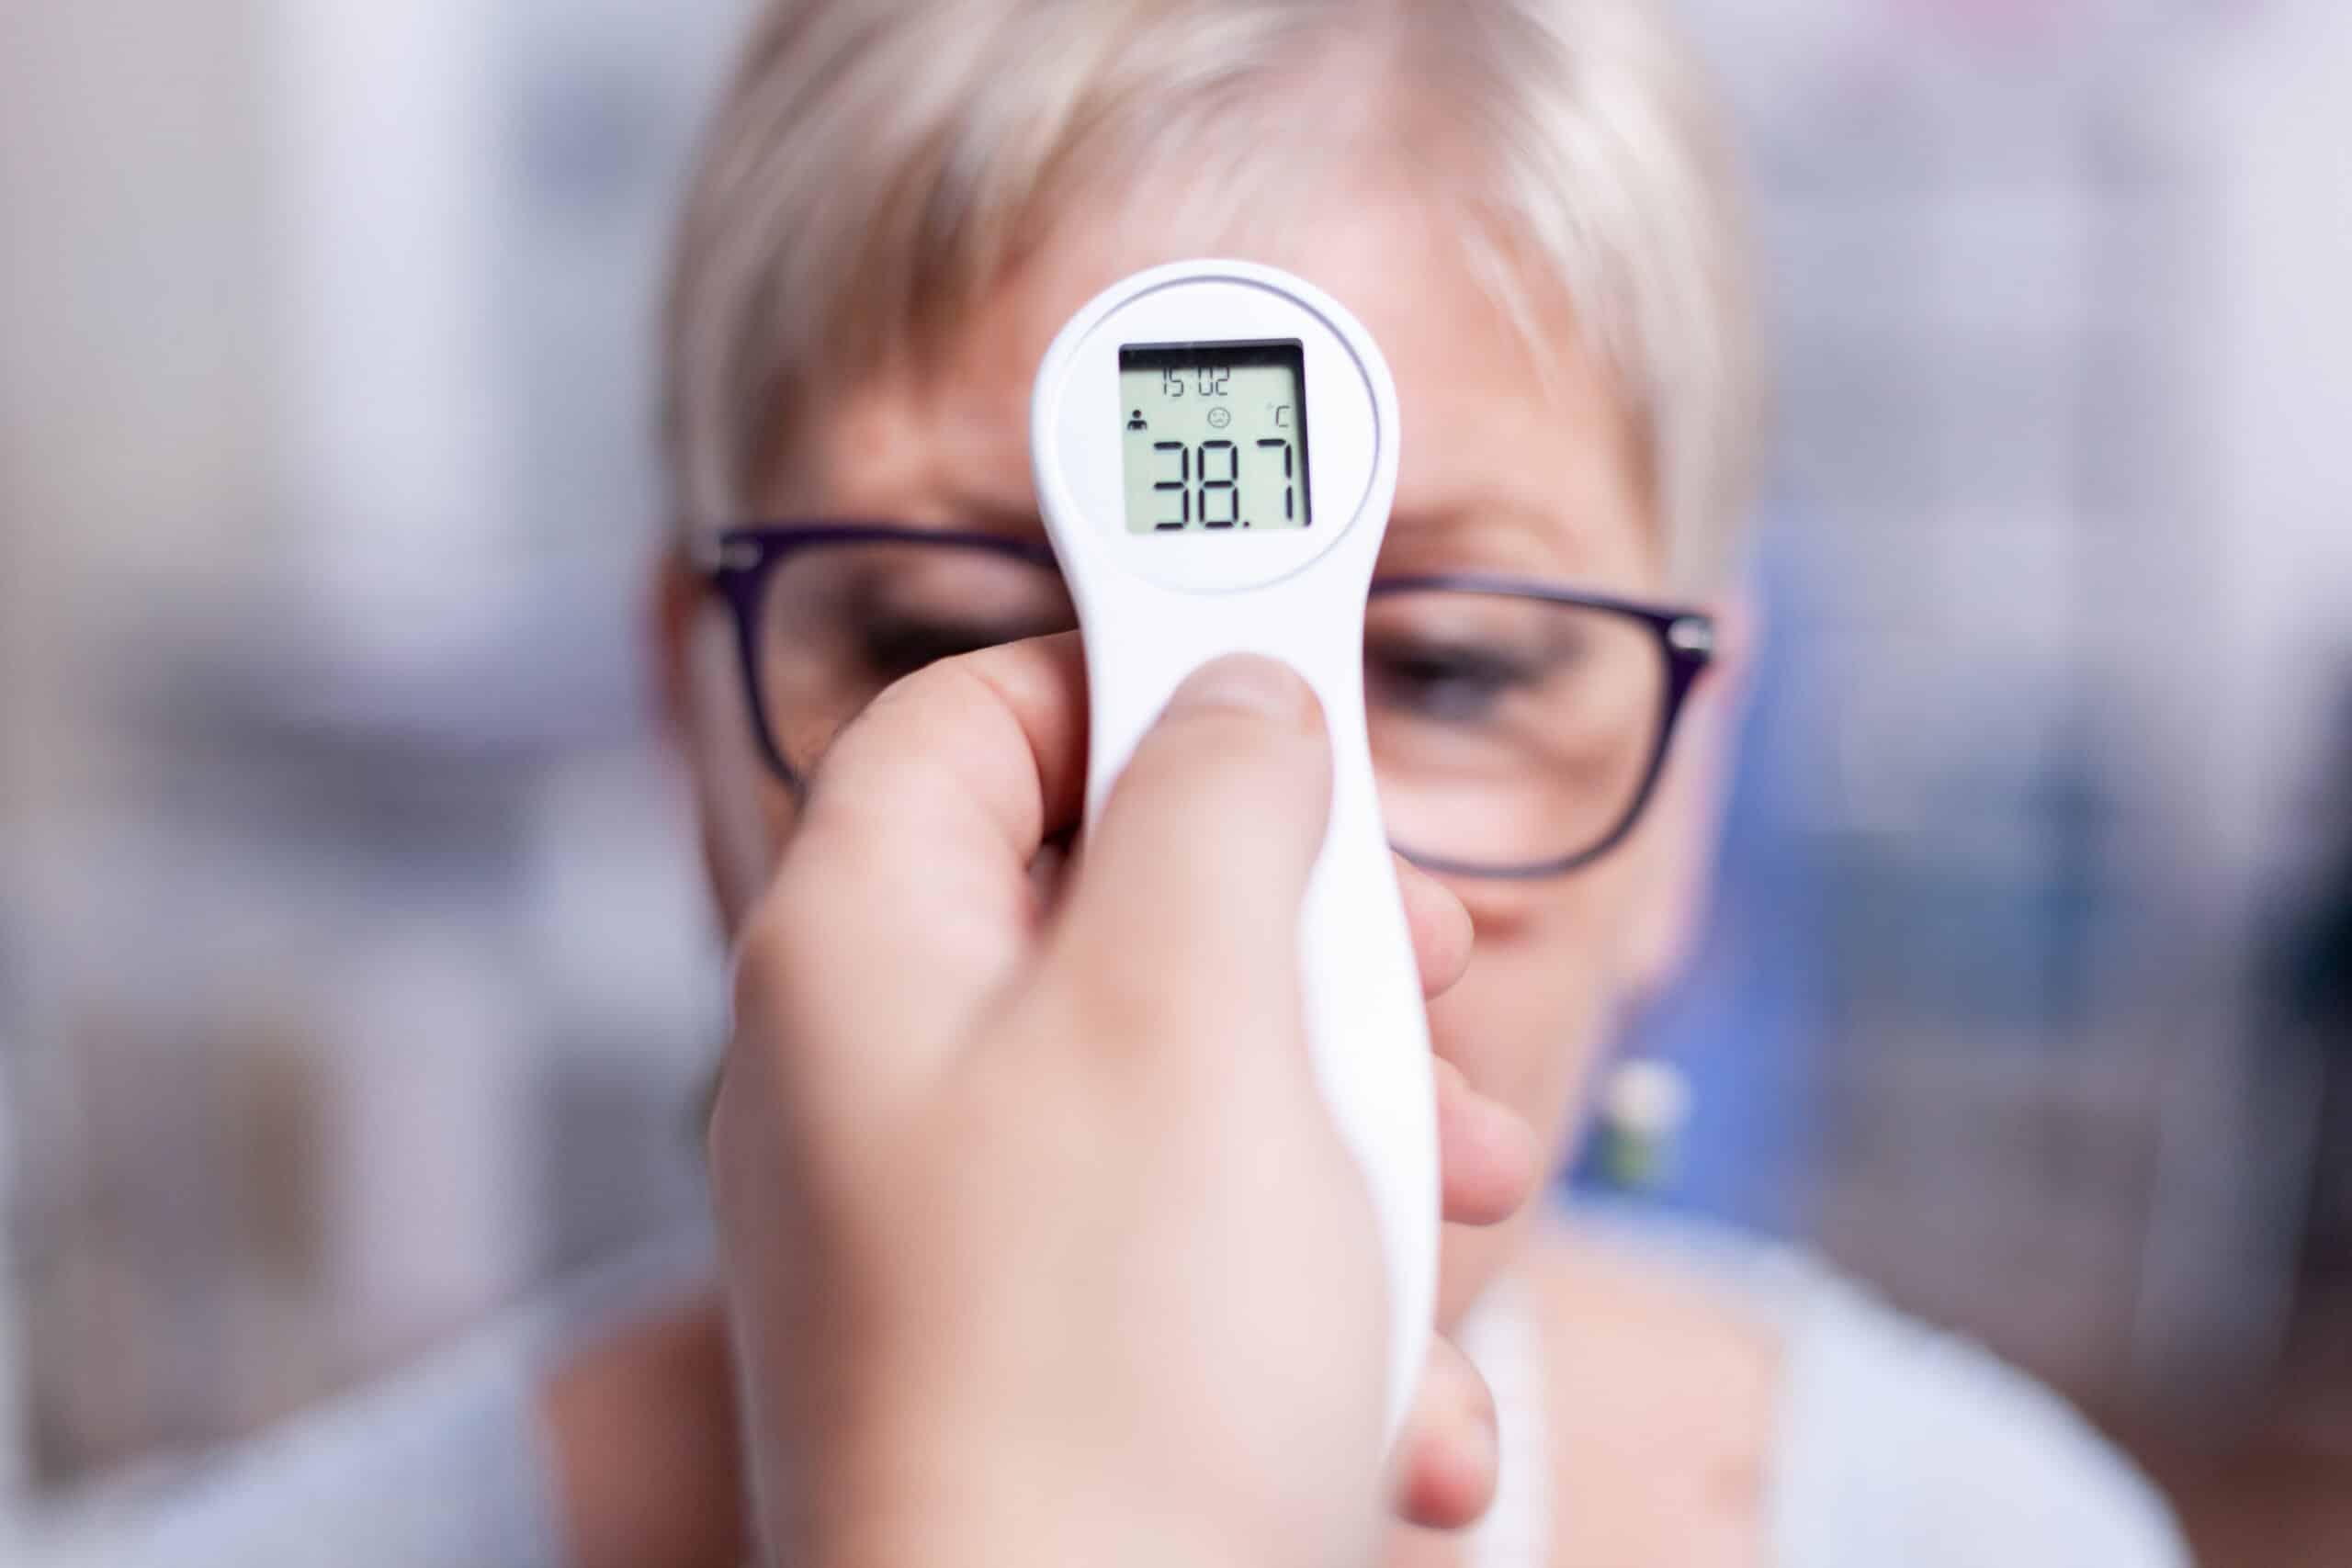 เครื่องวัดอุณหภูมิทางหน้าผาก คืออะไร เครื่องวัดอุณหภูมิทางหน้าผาก คือ อุปกรณ์ทางการแพทย์ที่ใช้ในการตรวจวัดอุณหภูมิของร่างกาย หรือใช้สำหรับการวัดไข้ โดยเครื่องวัดไข้ทางหน้าผากจะใช้ระบบอินฟราเรด เพื่อตรวจวัดคลื่นความร้อนที่แผ่ออกมาจากบริเวณหน้าผาก แล้วนำมาแปรผลเป็นตัวเลขอุณหภูมิของร่างกาย สามารถนำผลที่ได้ไปใช้วินิจฉัยความเสี่ยงในการเกิดโรค และประเมินอาการเบื้องต้นของผู้ที่ติดเชื้อโควิด-19 ได้ โดยในการใช้งานเพียงแค่จ่อตัวเครื่องที่ผิวหนังบริเวณหน้าผาก ก็จะสามารถวัดอุณหภูมิได้โดยไม่ต้องสัมผัสกับร่างกาย แถมยังใช้เวลาในการวัดน้อยเพียงแค่ 1 – 2 วินาทีเท่านั้น จึงช่วยให้สามารถวัดอุณหภูมิของร่างกายได้อย่างรวดเร็ว รวมถึงยังช่วยลดโอกาสในการแพร่เชื้อโรคจากการใช้งานต่อกันได้อีกด้วย